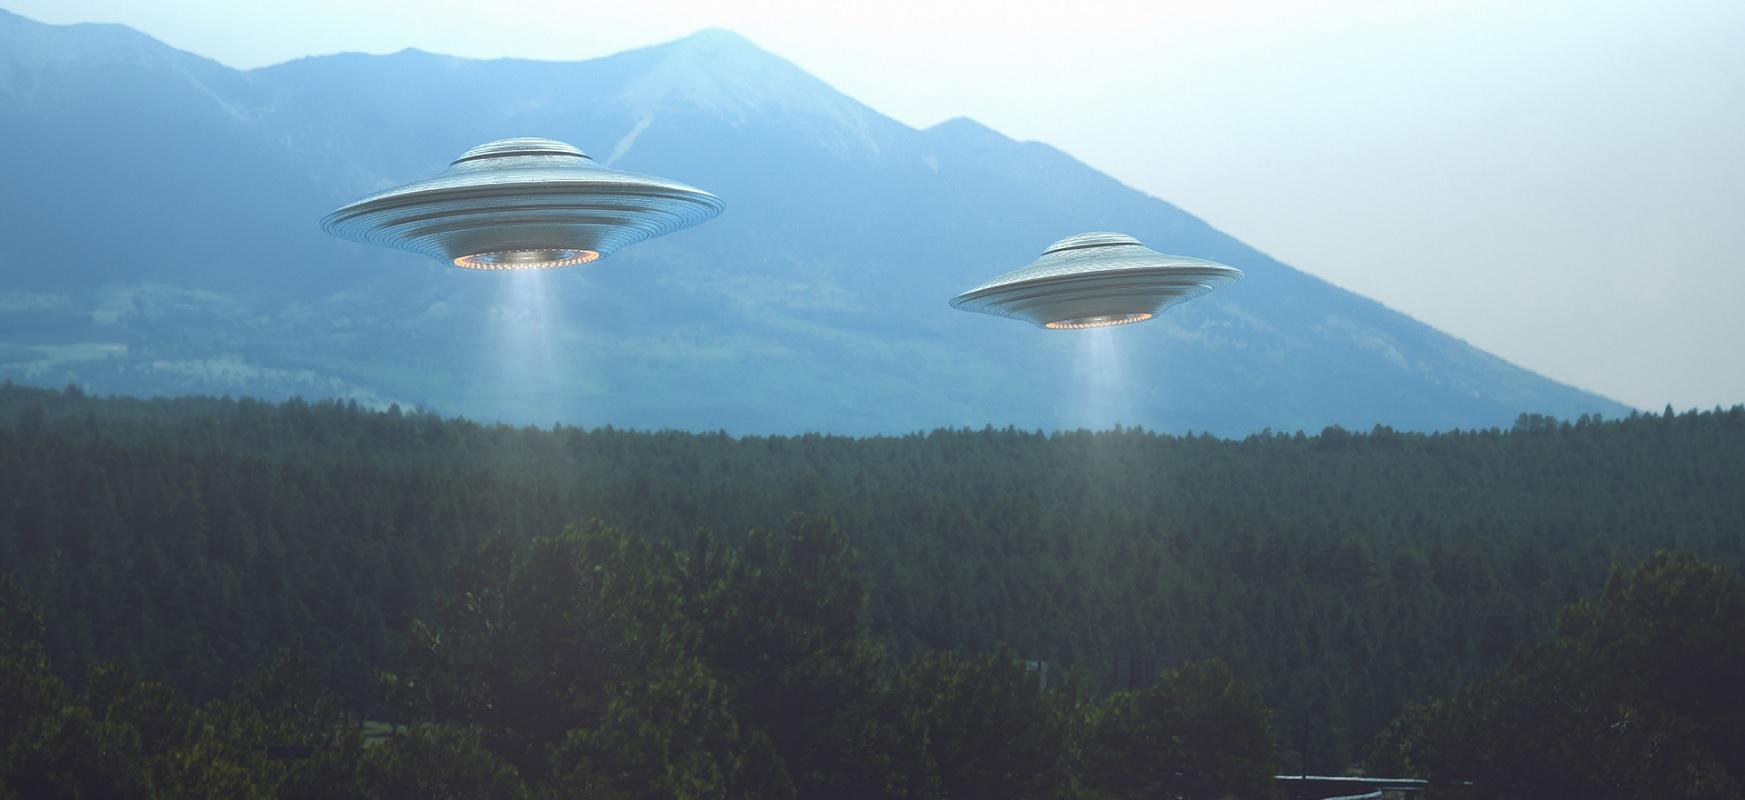 Hau informazio ofiziala da.  Pentagonoak UFOekin egindako bilerei buruzko txostenak argitaratu ditu